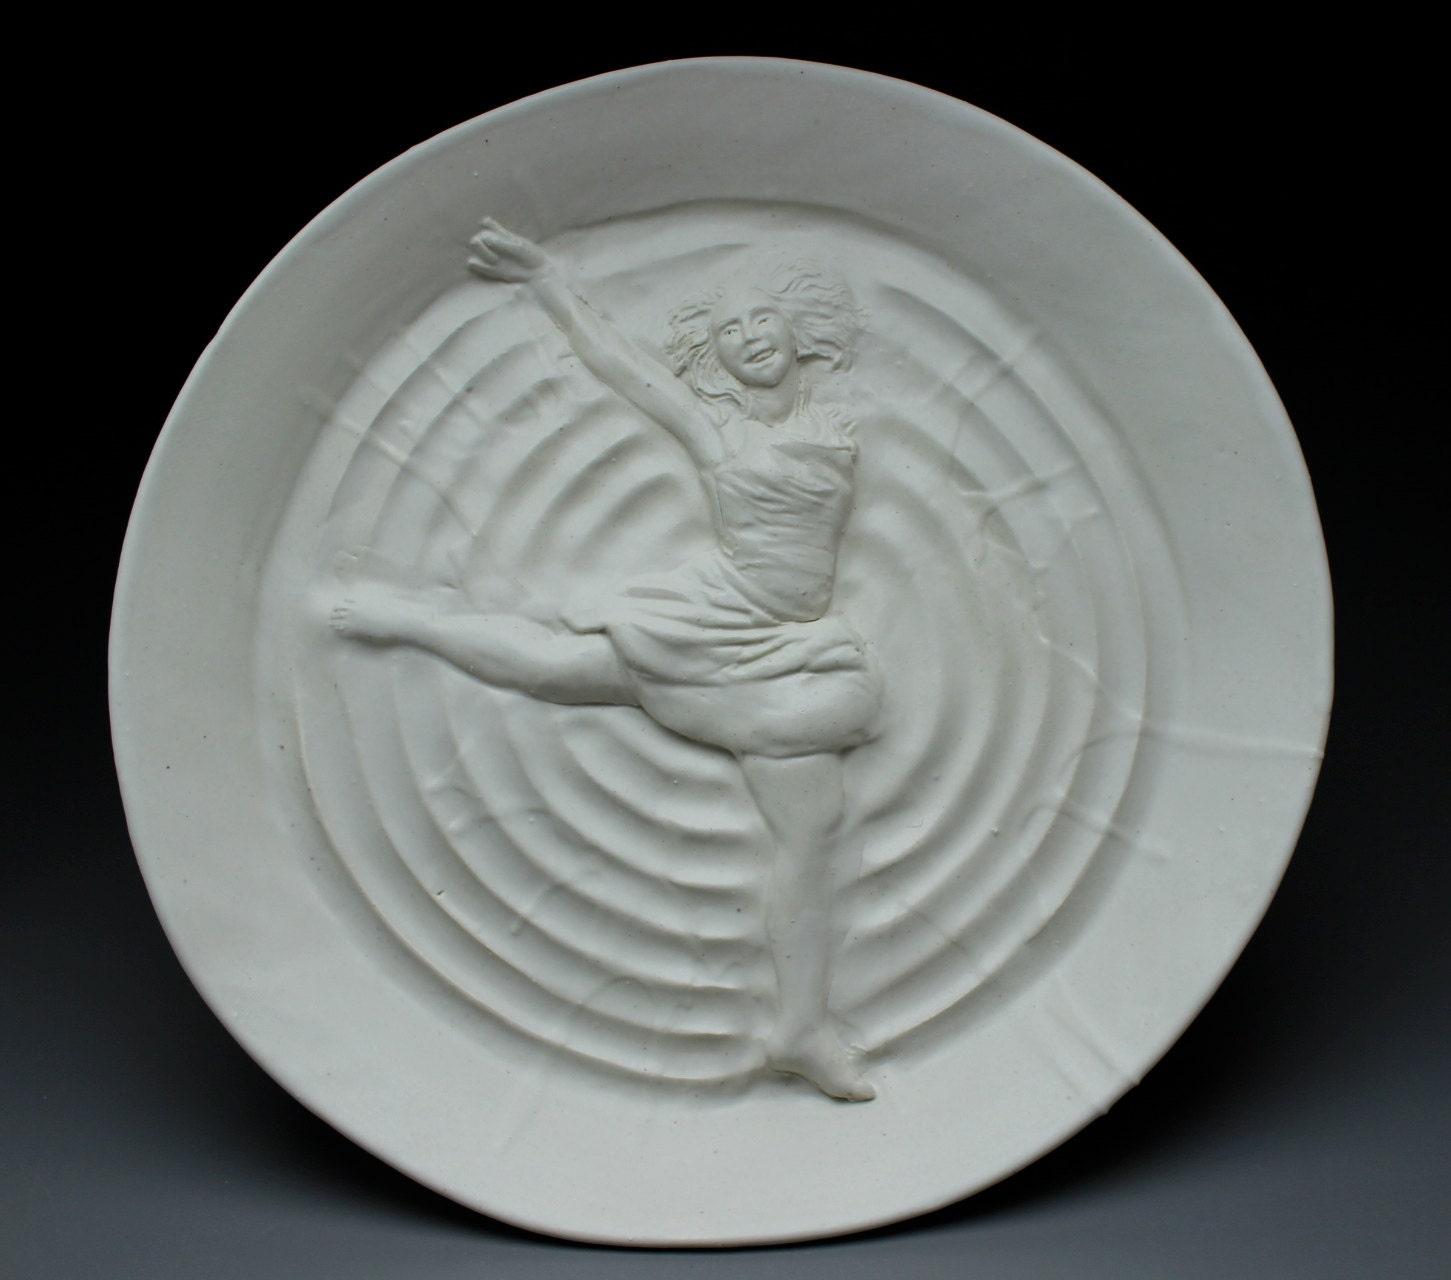 Dancer Bas Relief Sculpture Platter Wall Art Figure By AdrienArt